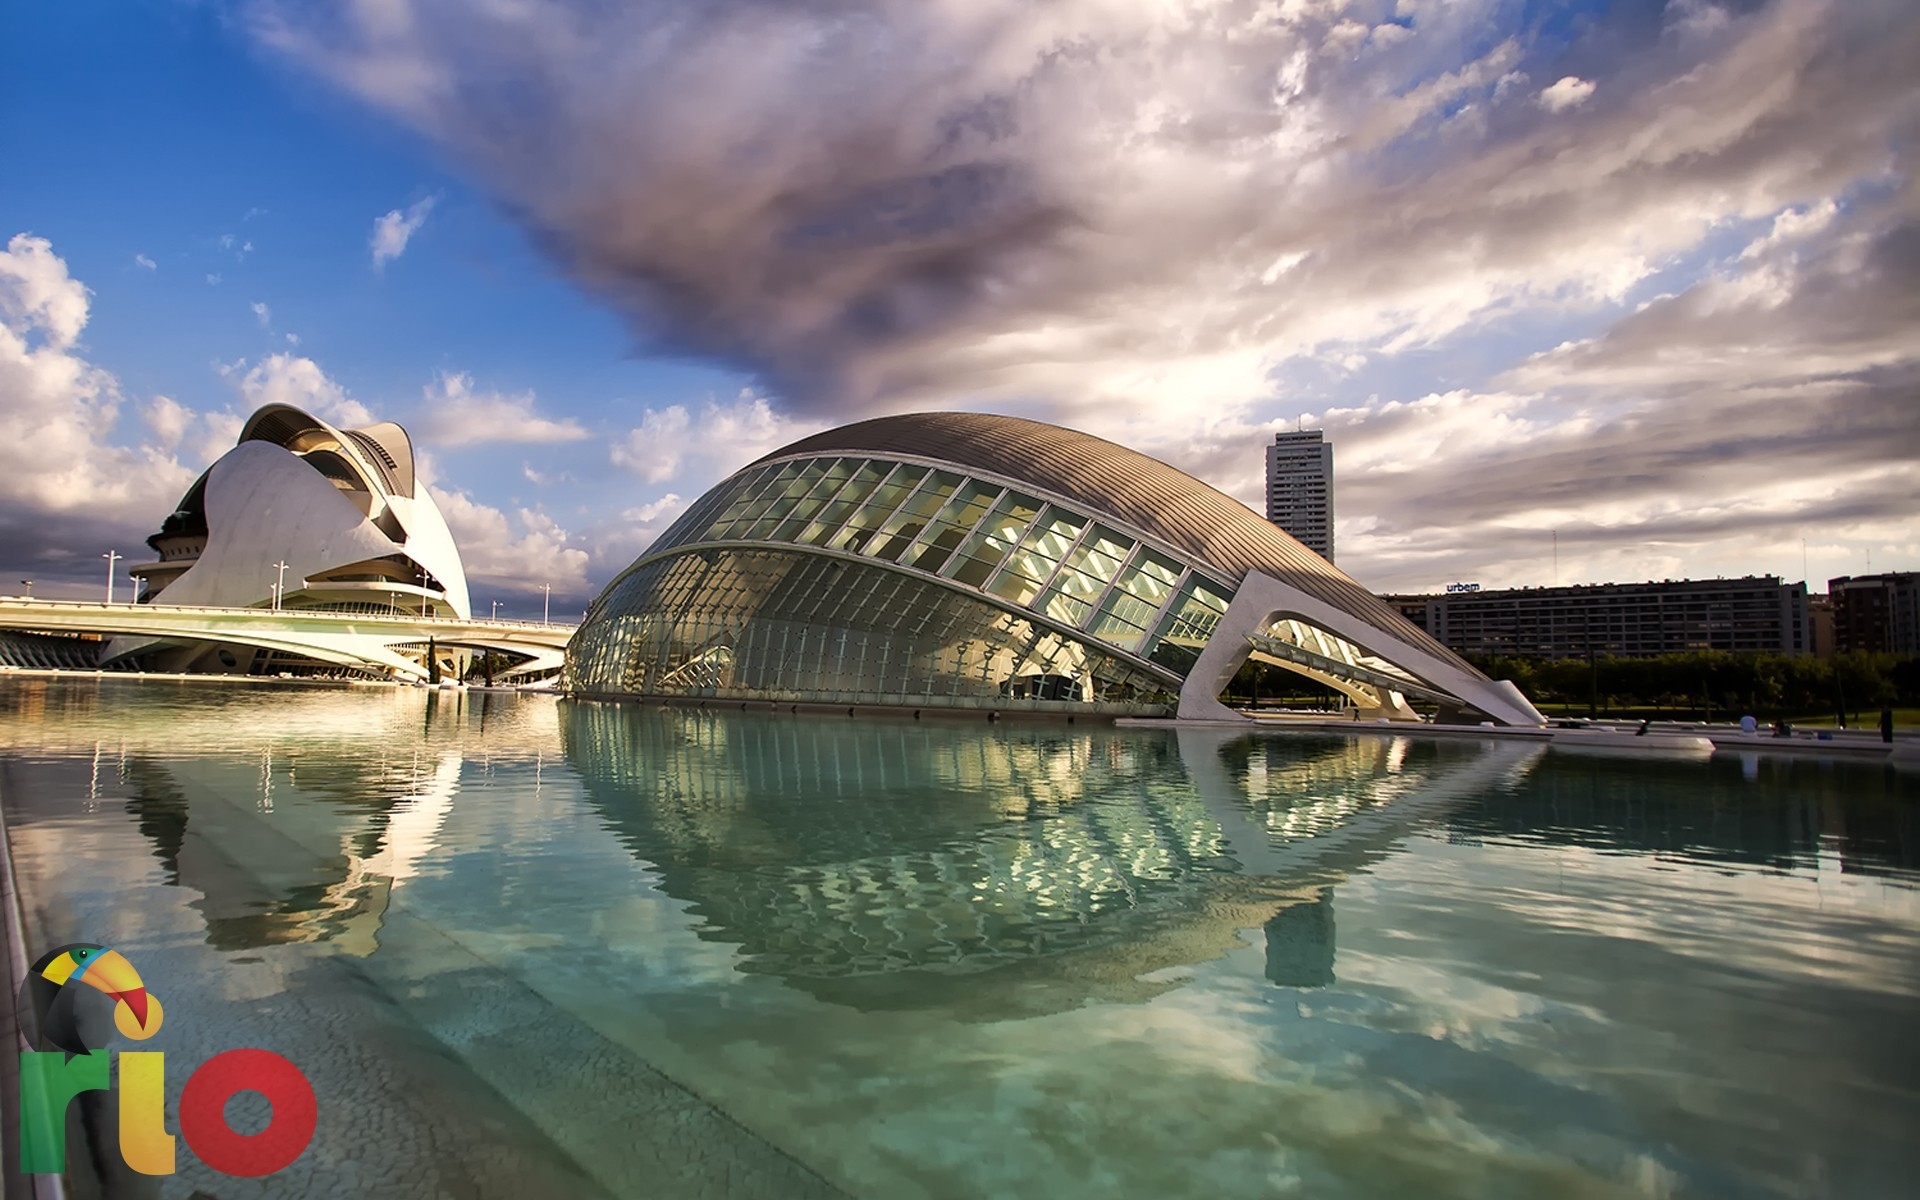 Sjajni grad u centru Valensije